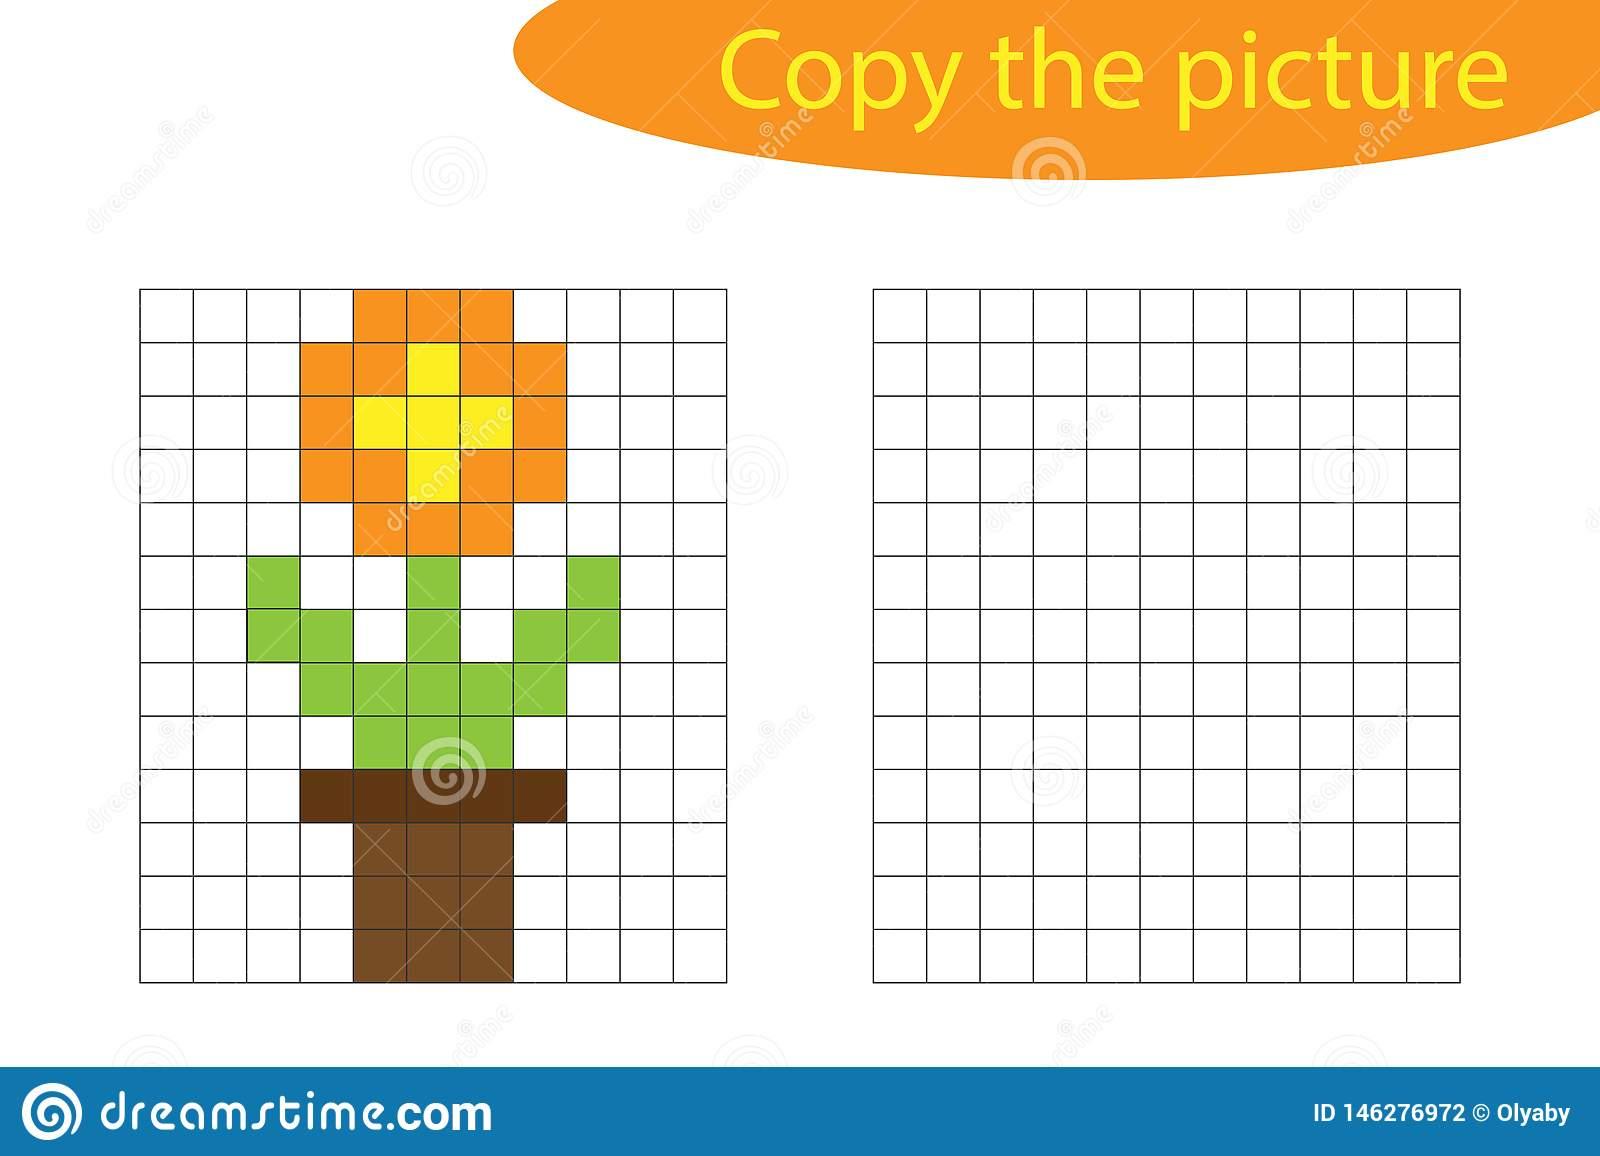 Copiez L'image, L'art De Pixel, Fleur Dans La Bande Dessinée dedans Jeux De Dessin Pixel Art Gratuit